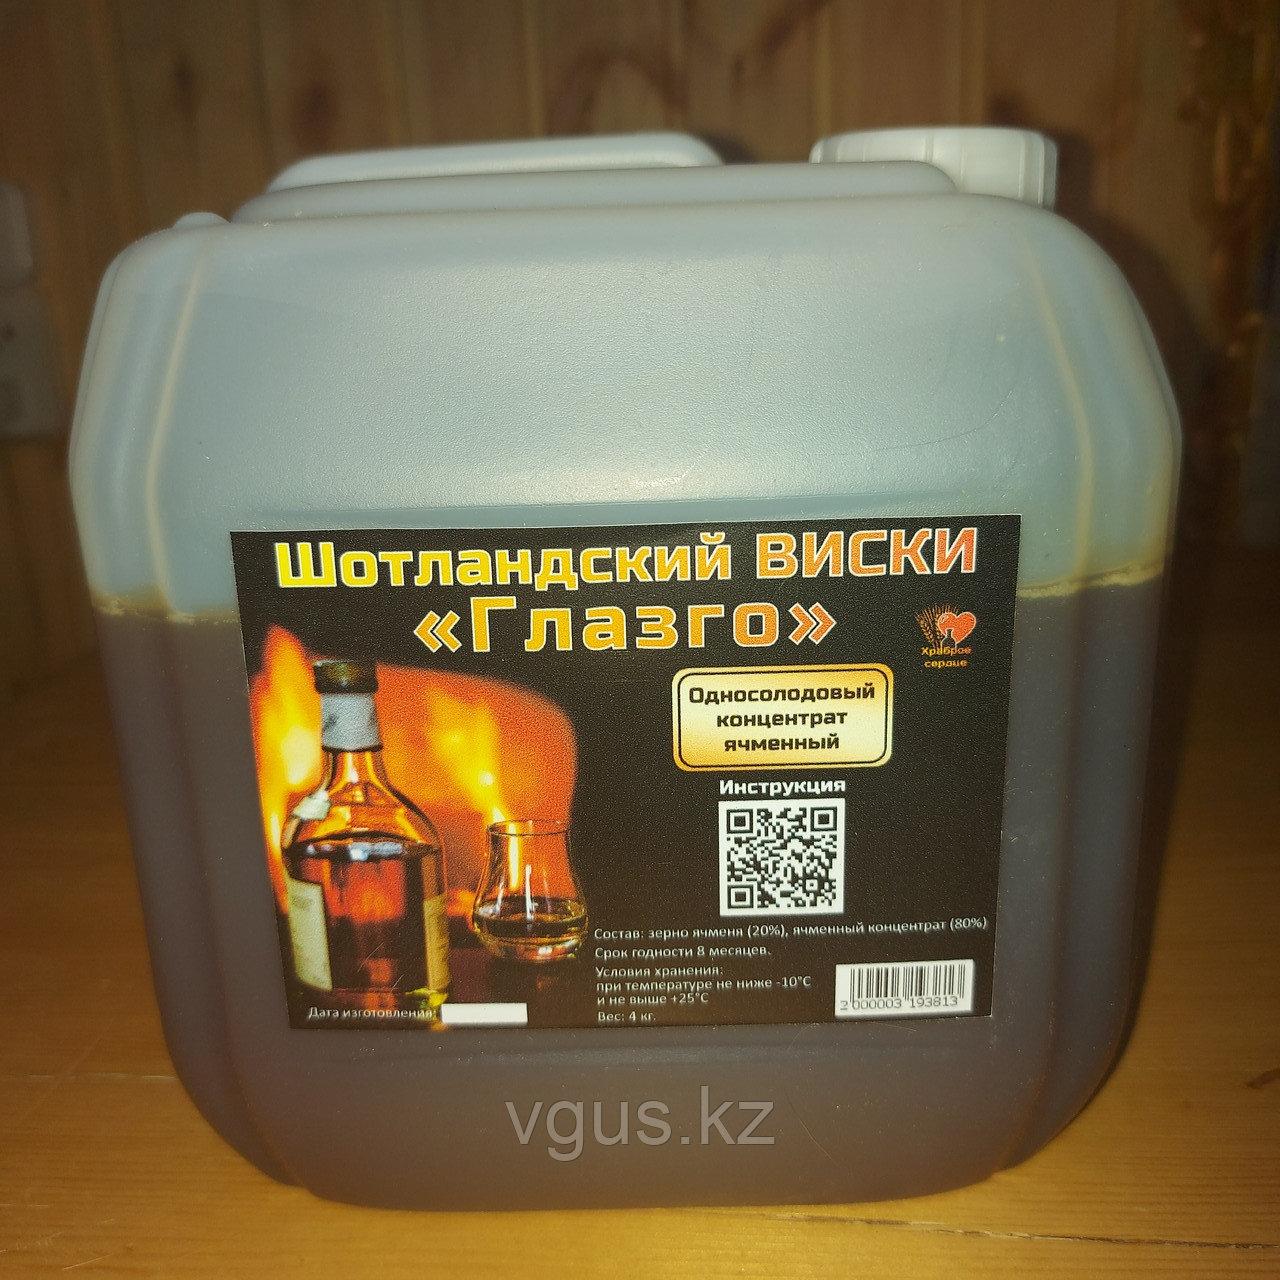 """Солодовый концентрат - Шотландский виски """"Глазго"""" 4 кг."""